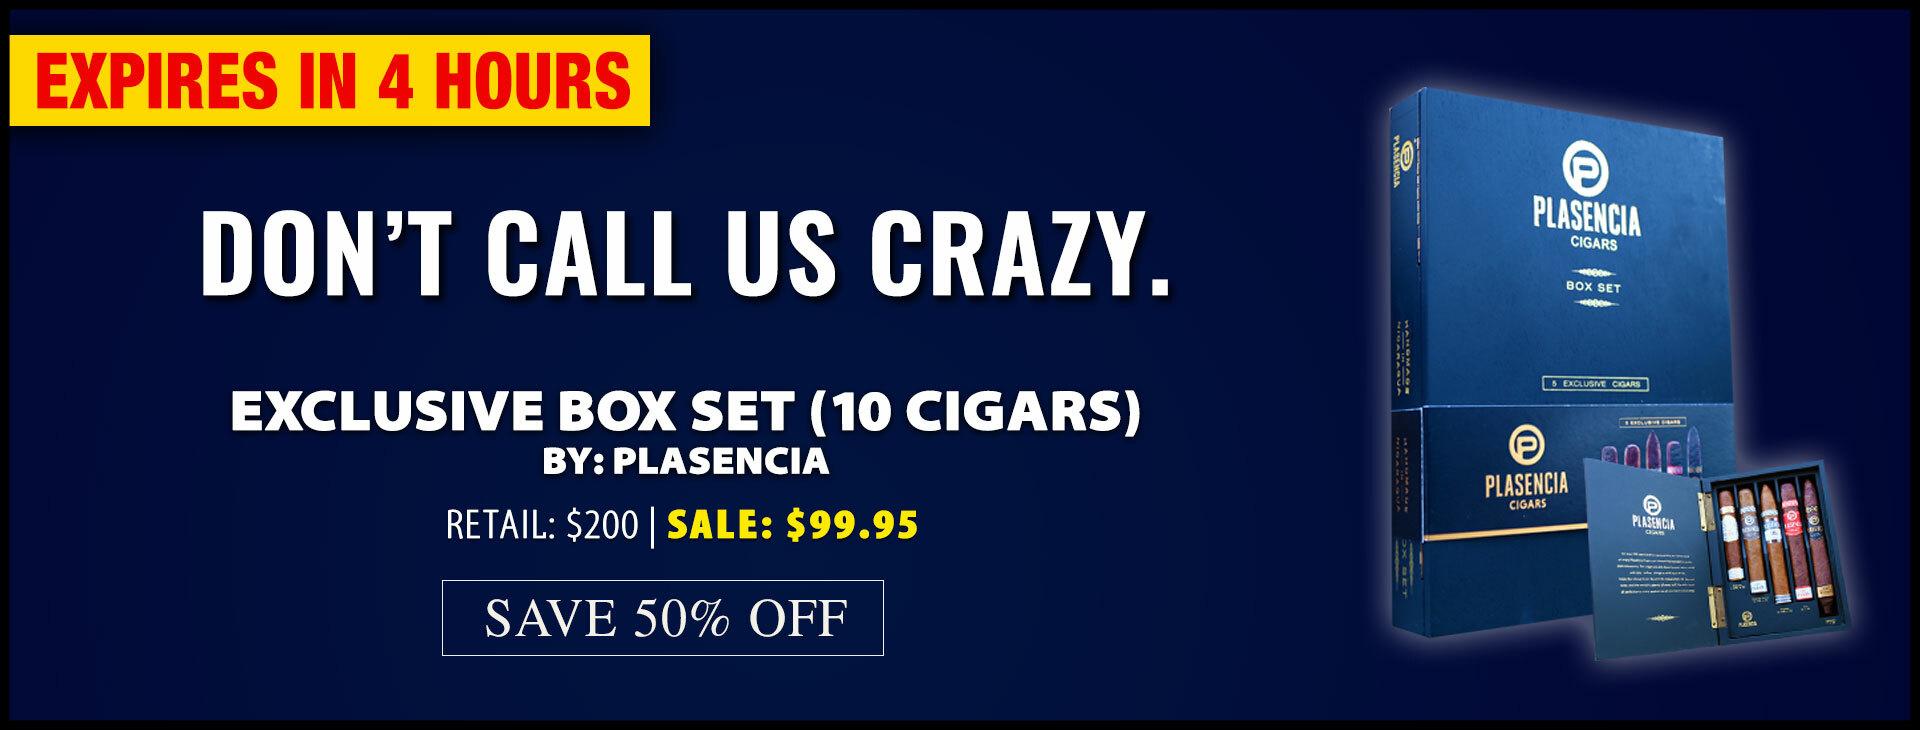 Plasencia Exclusive Box Set 4 Hour Deal